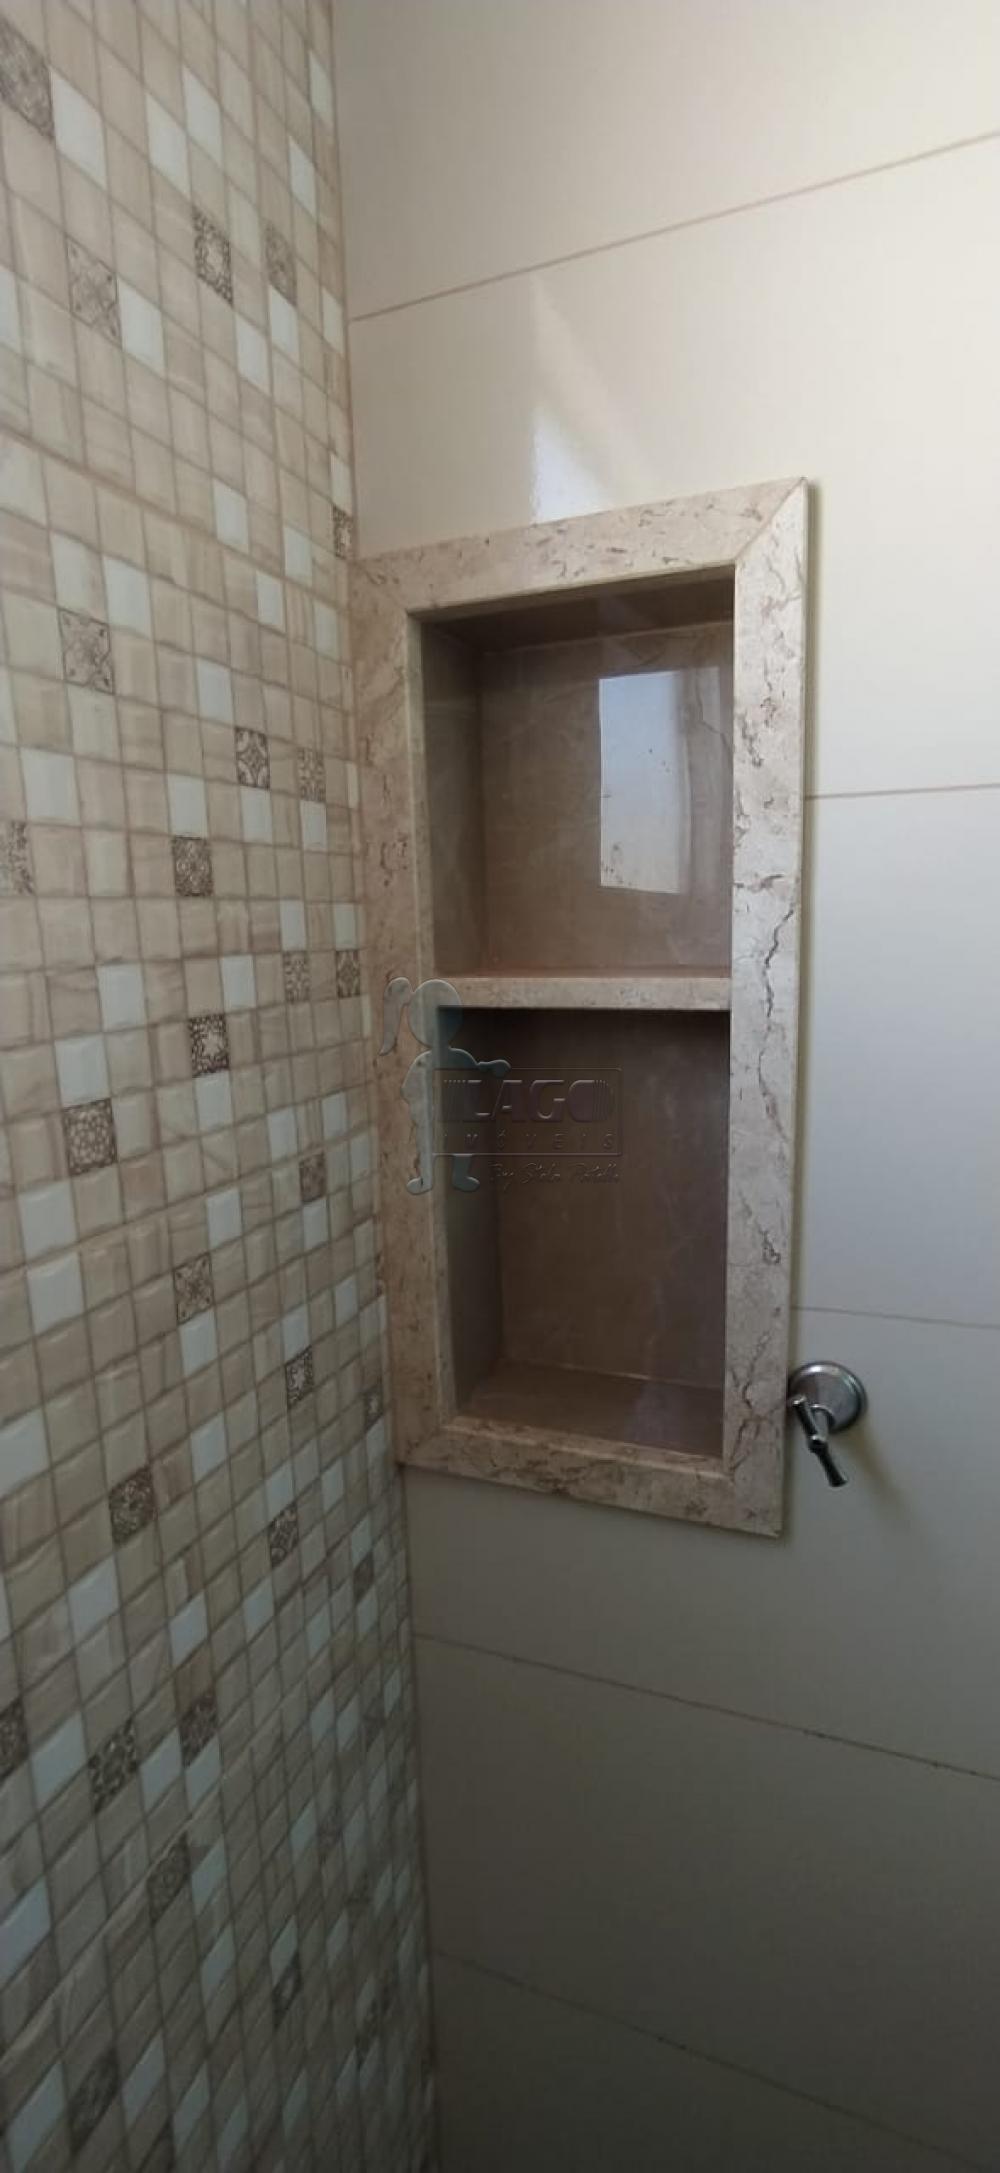 Alugar Apartamento / Padrão em Ribeirão Preto R$ 1.000,00 - Foto 14